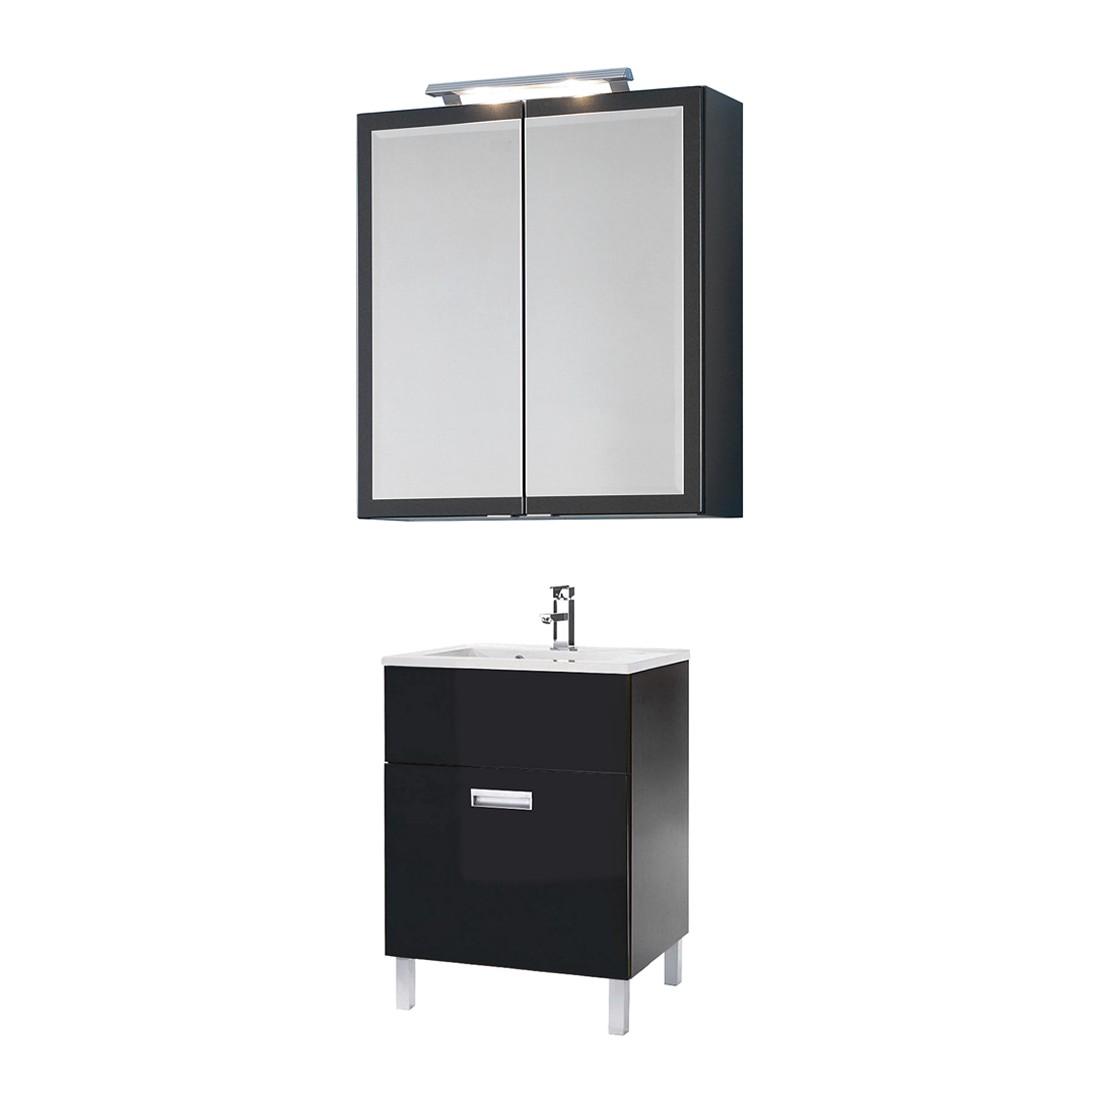 waschplatz kalmar hochglanz anthrazit mit waschtisch. Black Bedroom Furniture Sets. Home Design Ideas